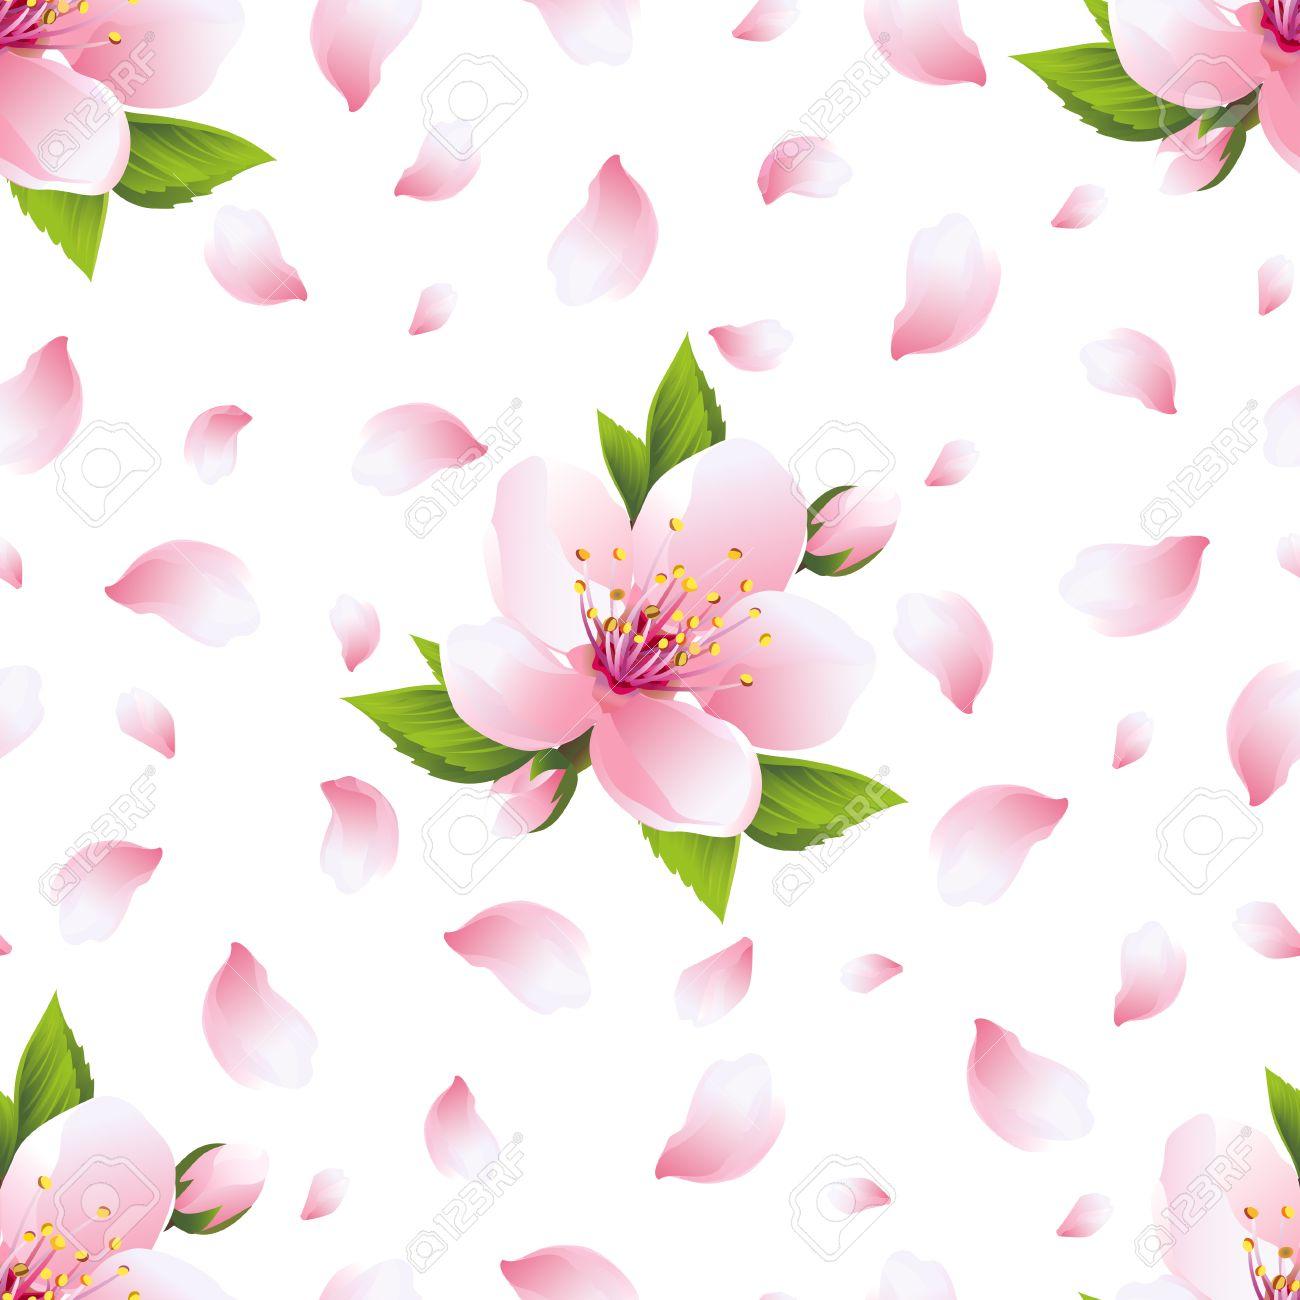 美しい明るい背景桜のピンクの花 日本の桜の木とフライングの花びら